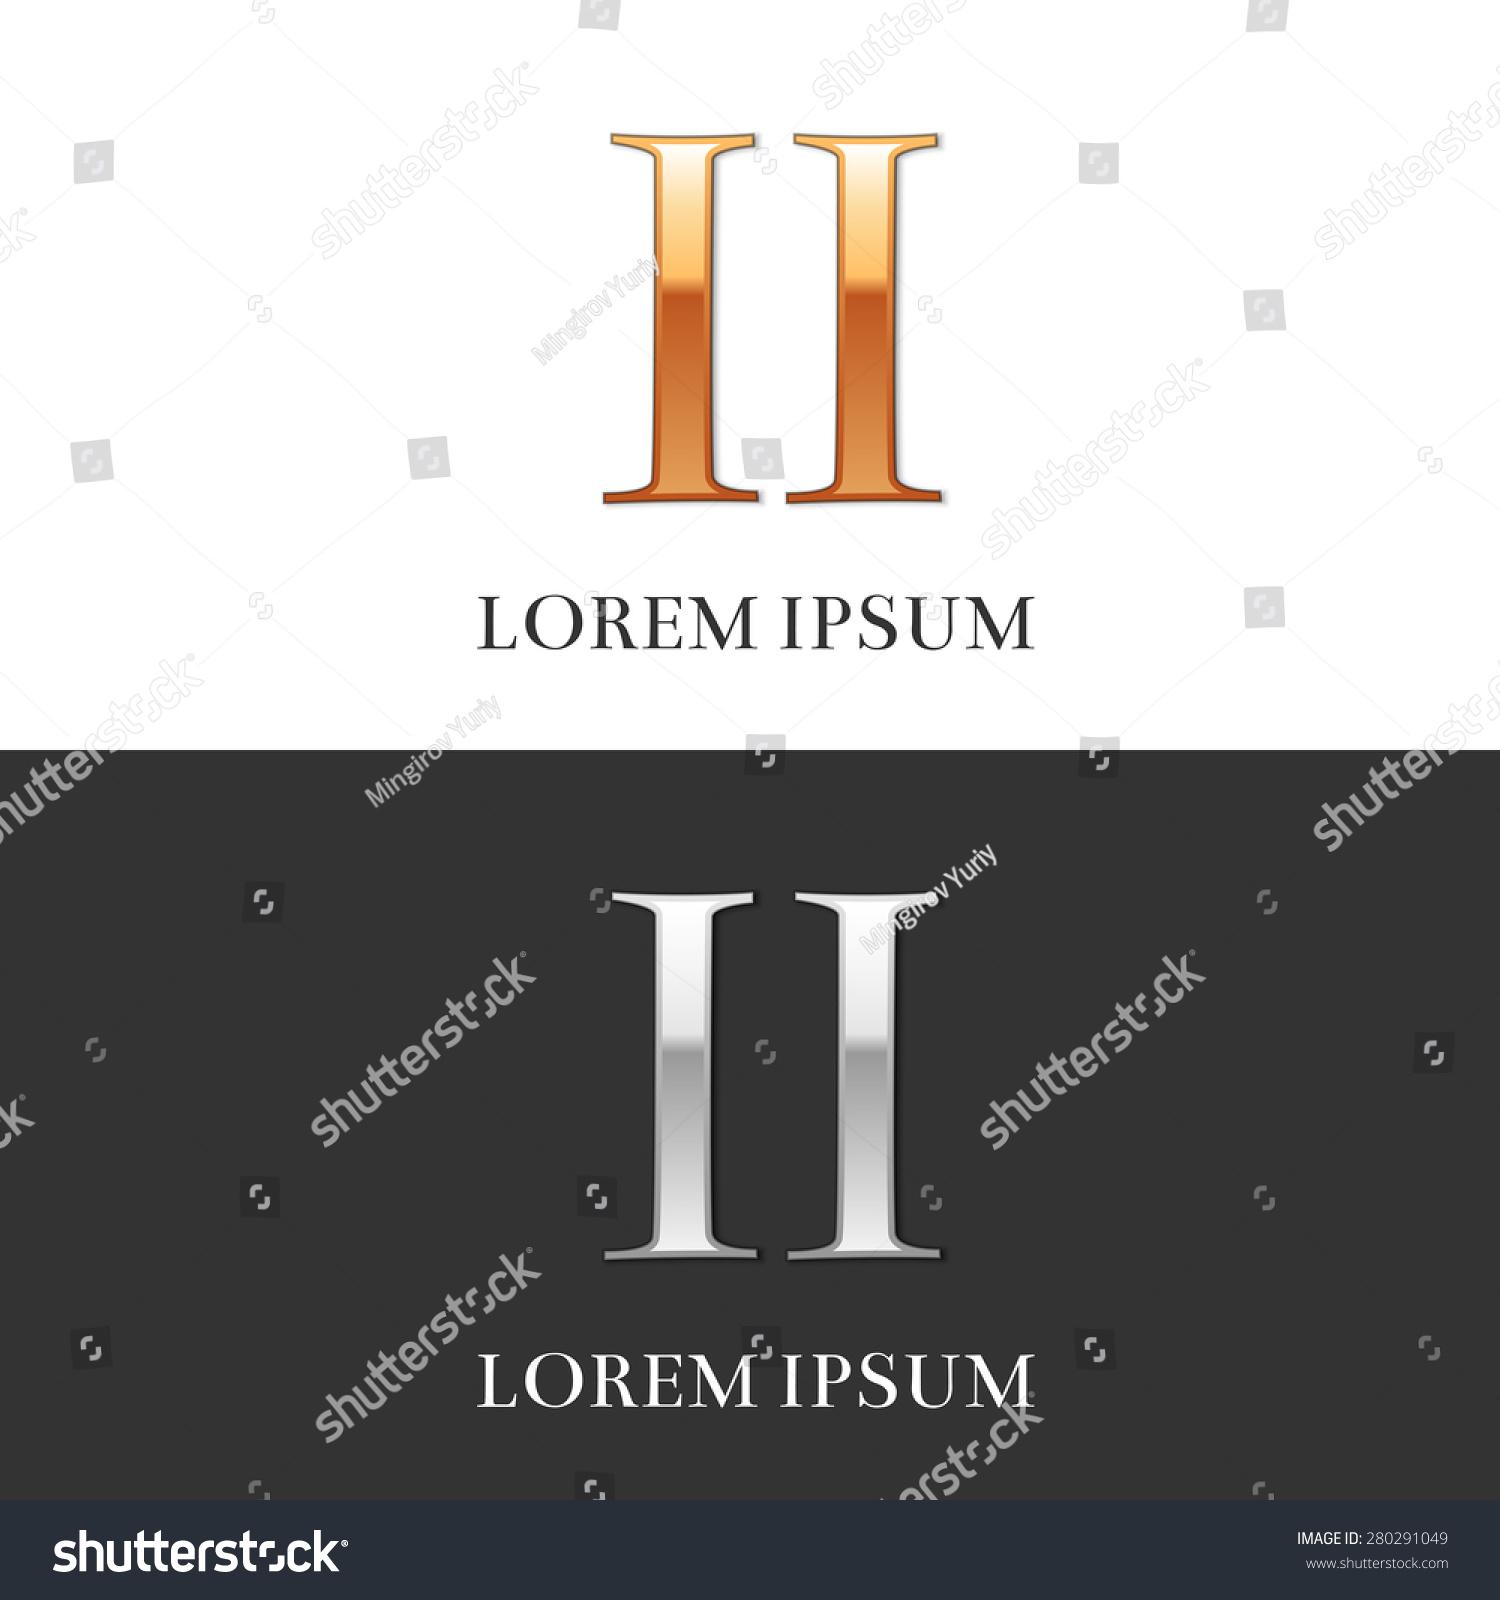 Worksheet 4 Roman Numeral volume 4 roman numerals images guru stock photos imag numerals